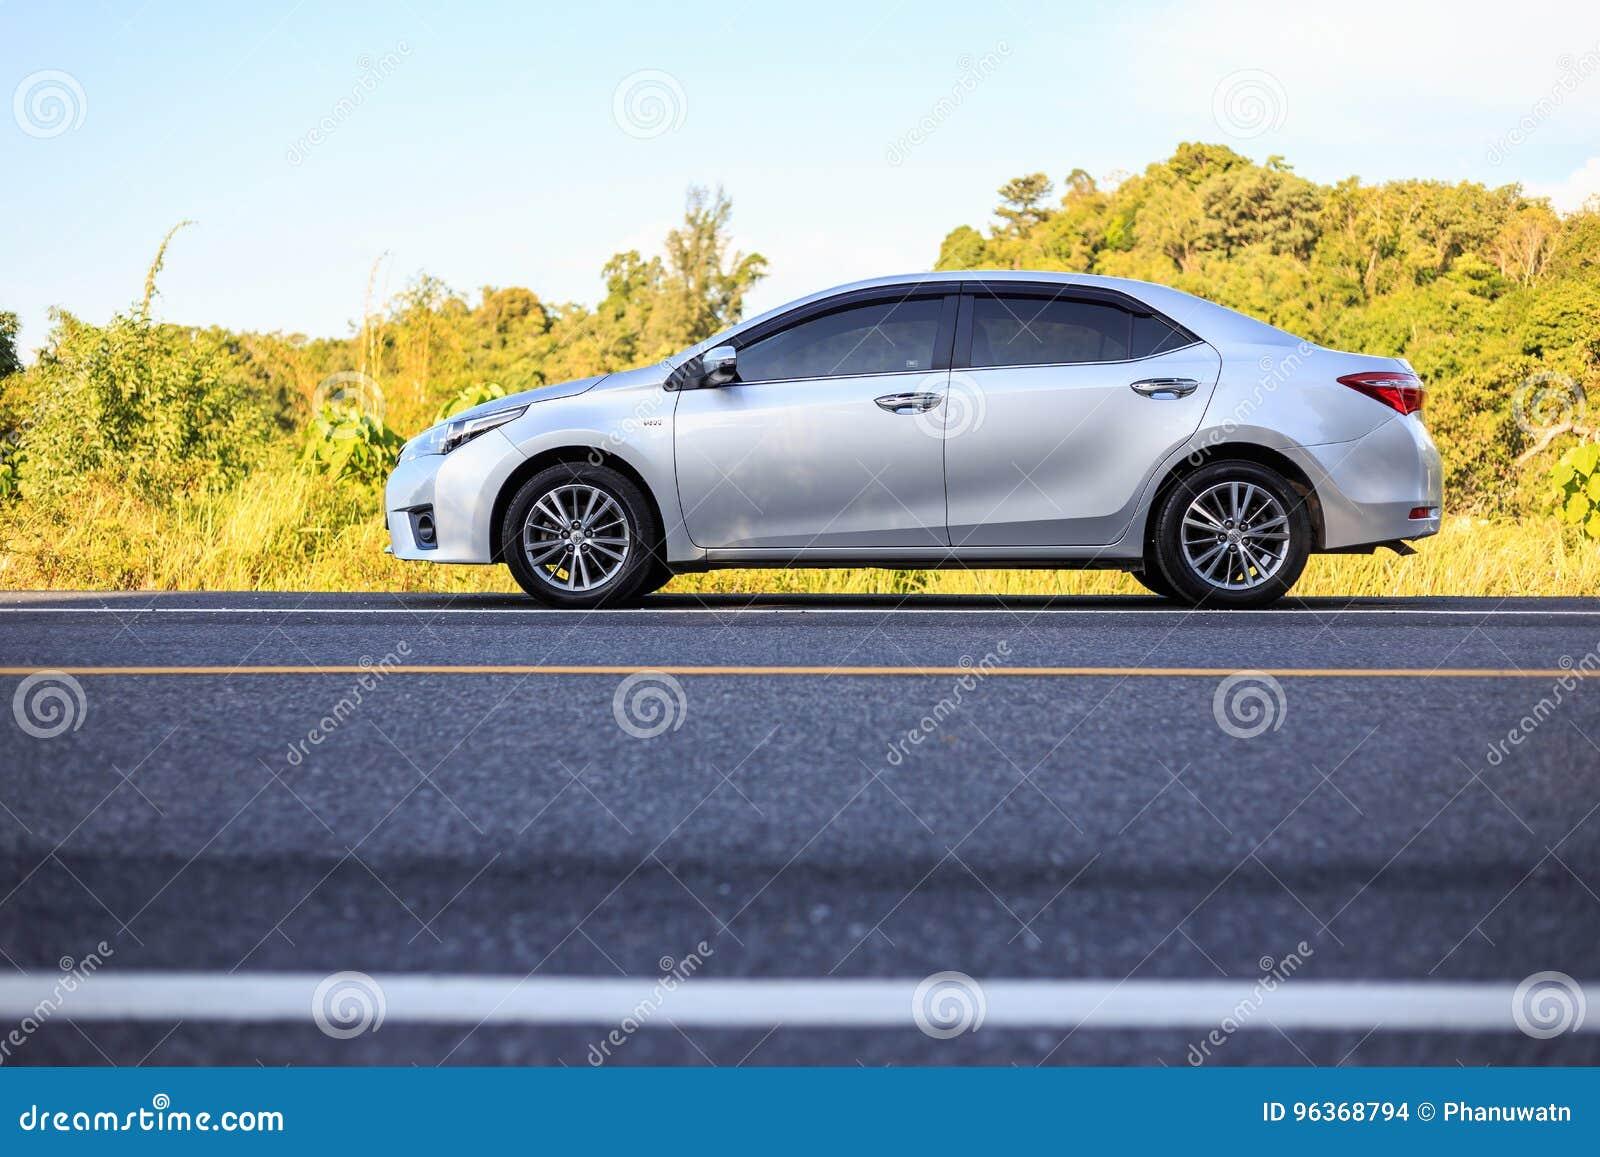 PHUKET, THAILAND - JUNI 16: Het parkeren van Toyota Corolla Altis op